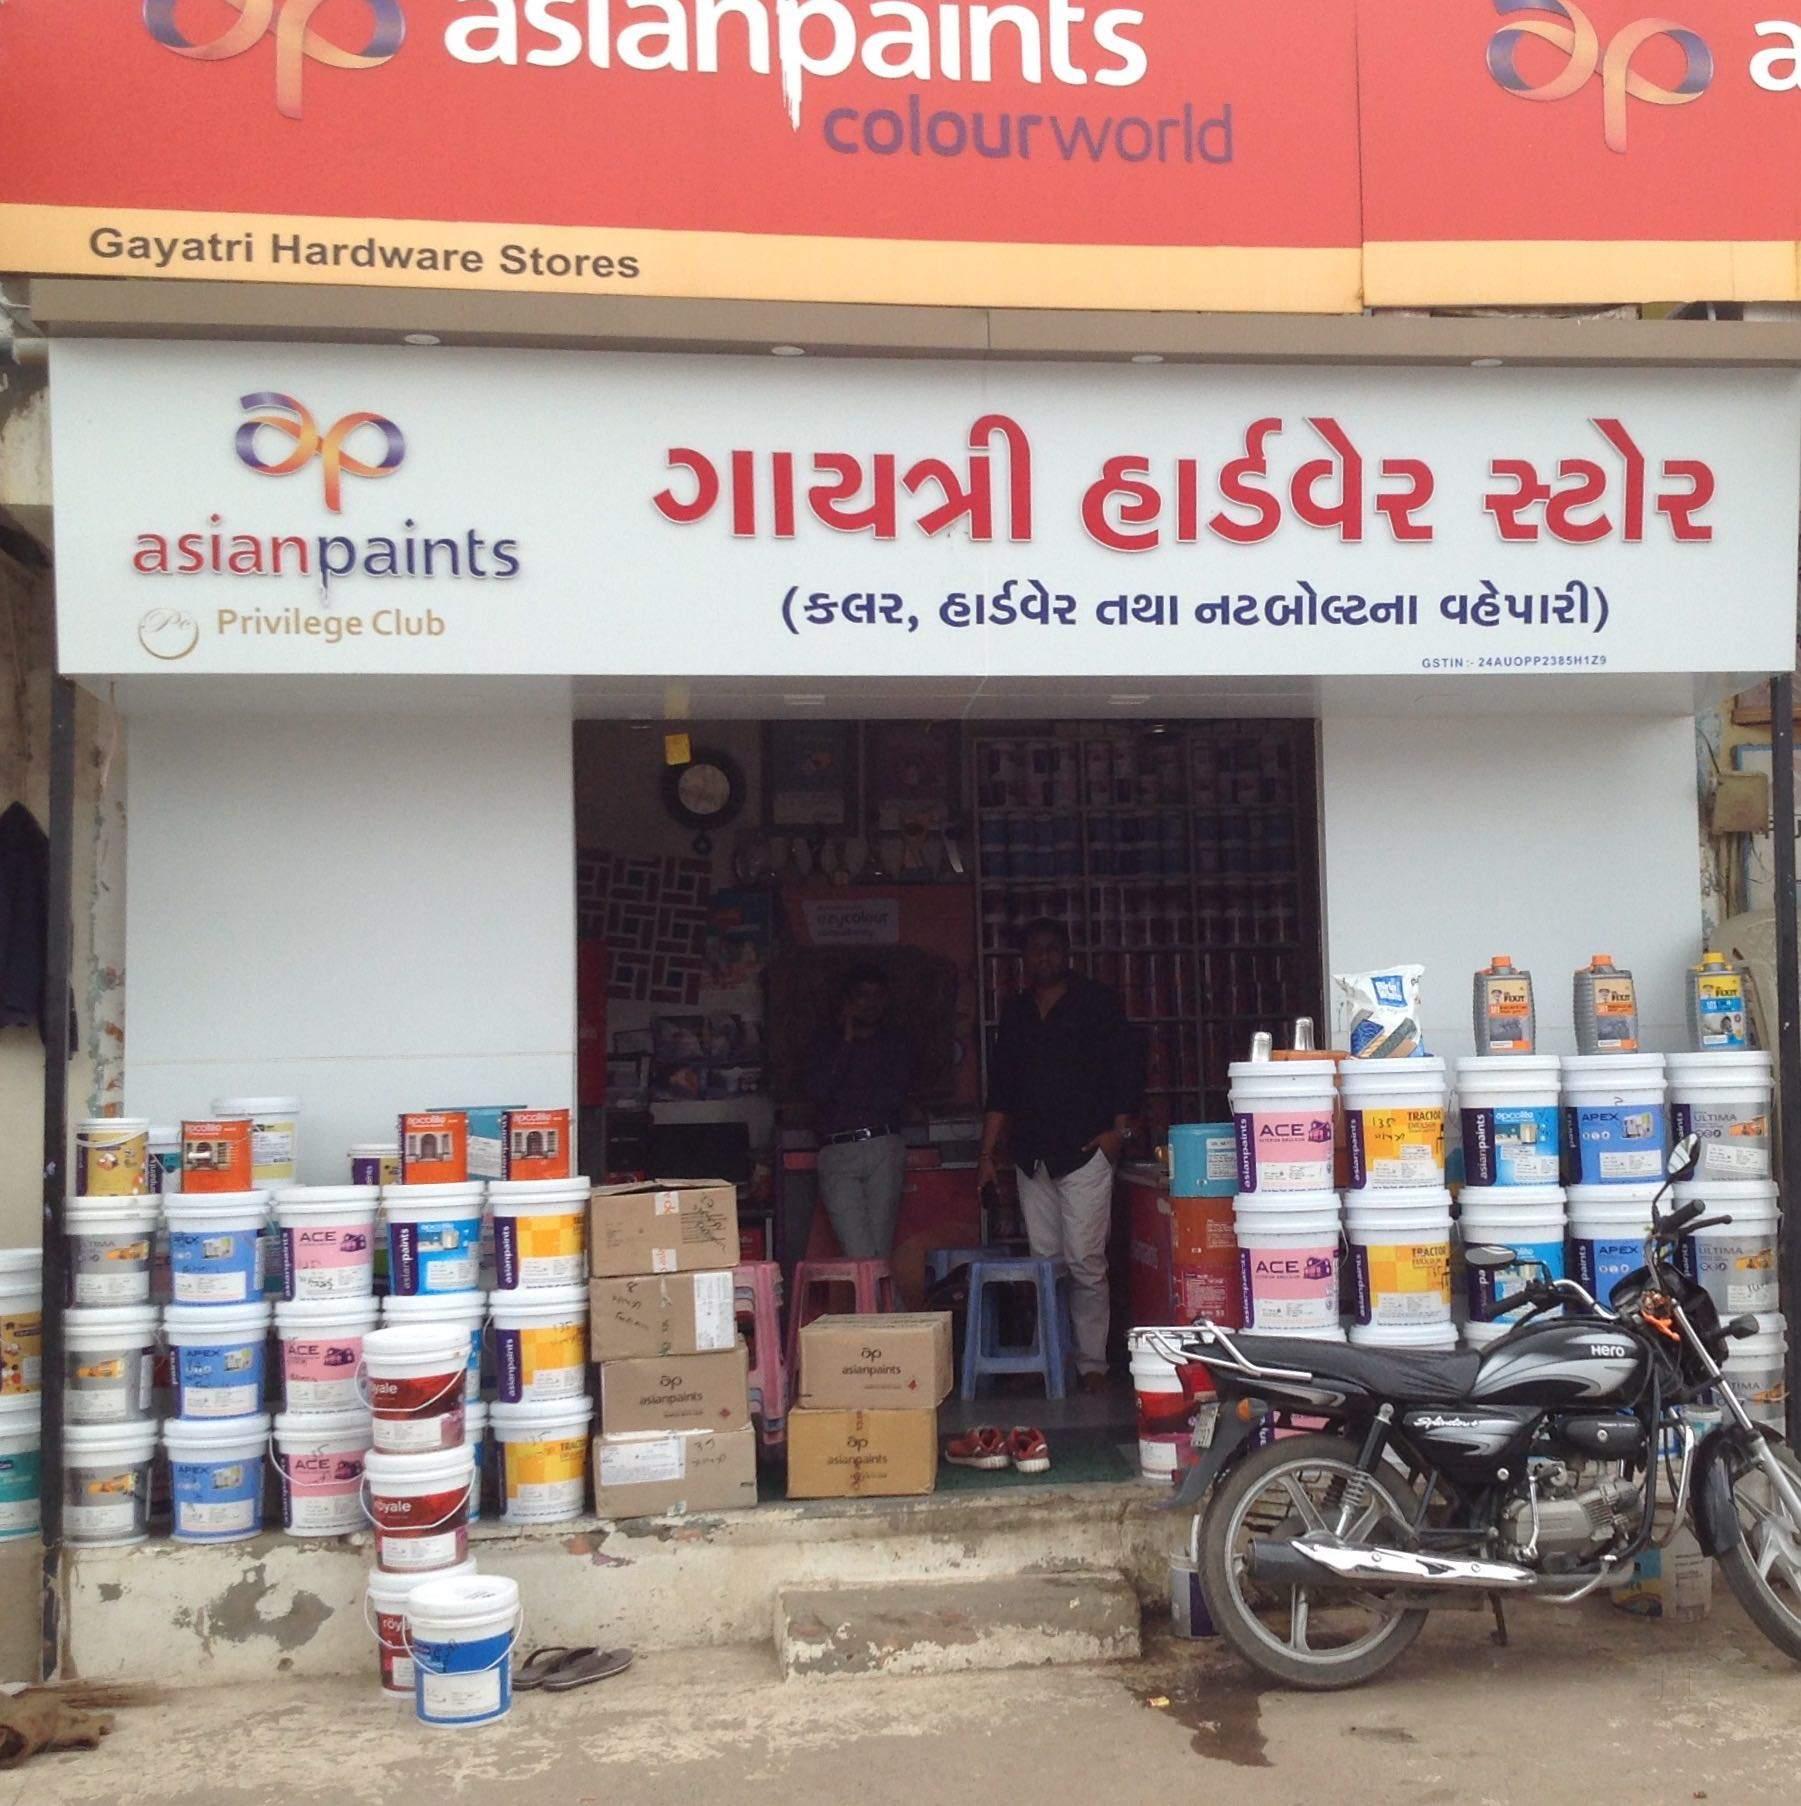 Top 10 Tile Dealers in Visnagar - Justdial